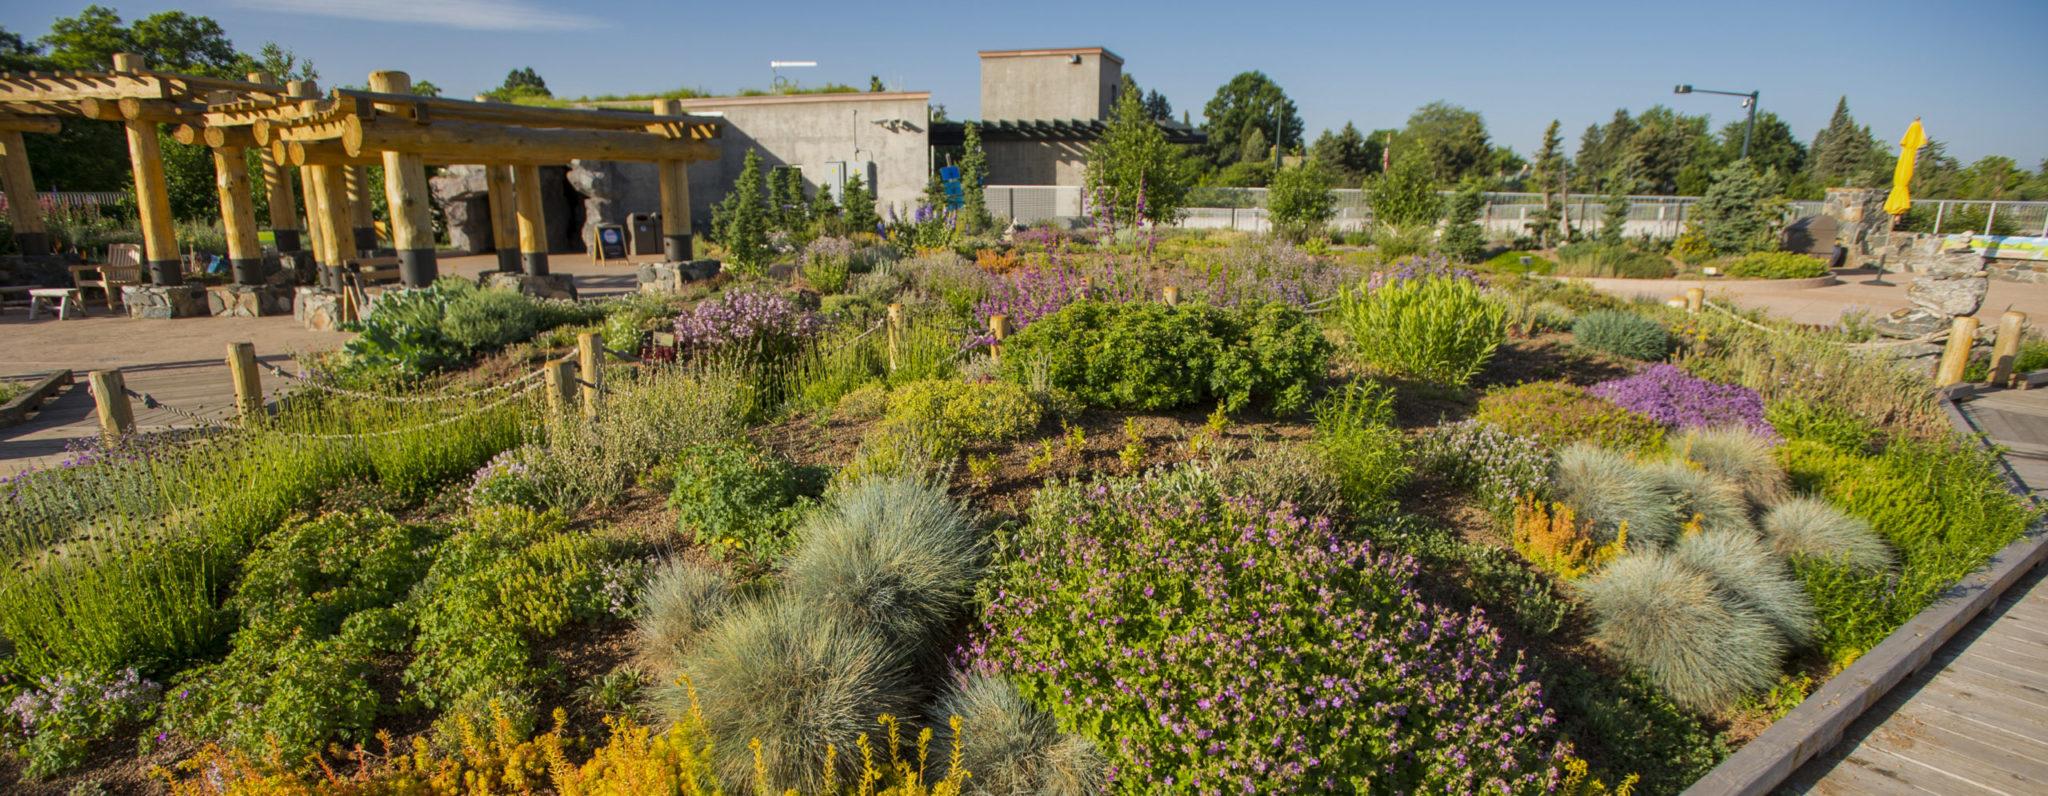 Denver Botanic Gardens Children's Programs